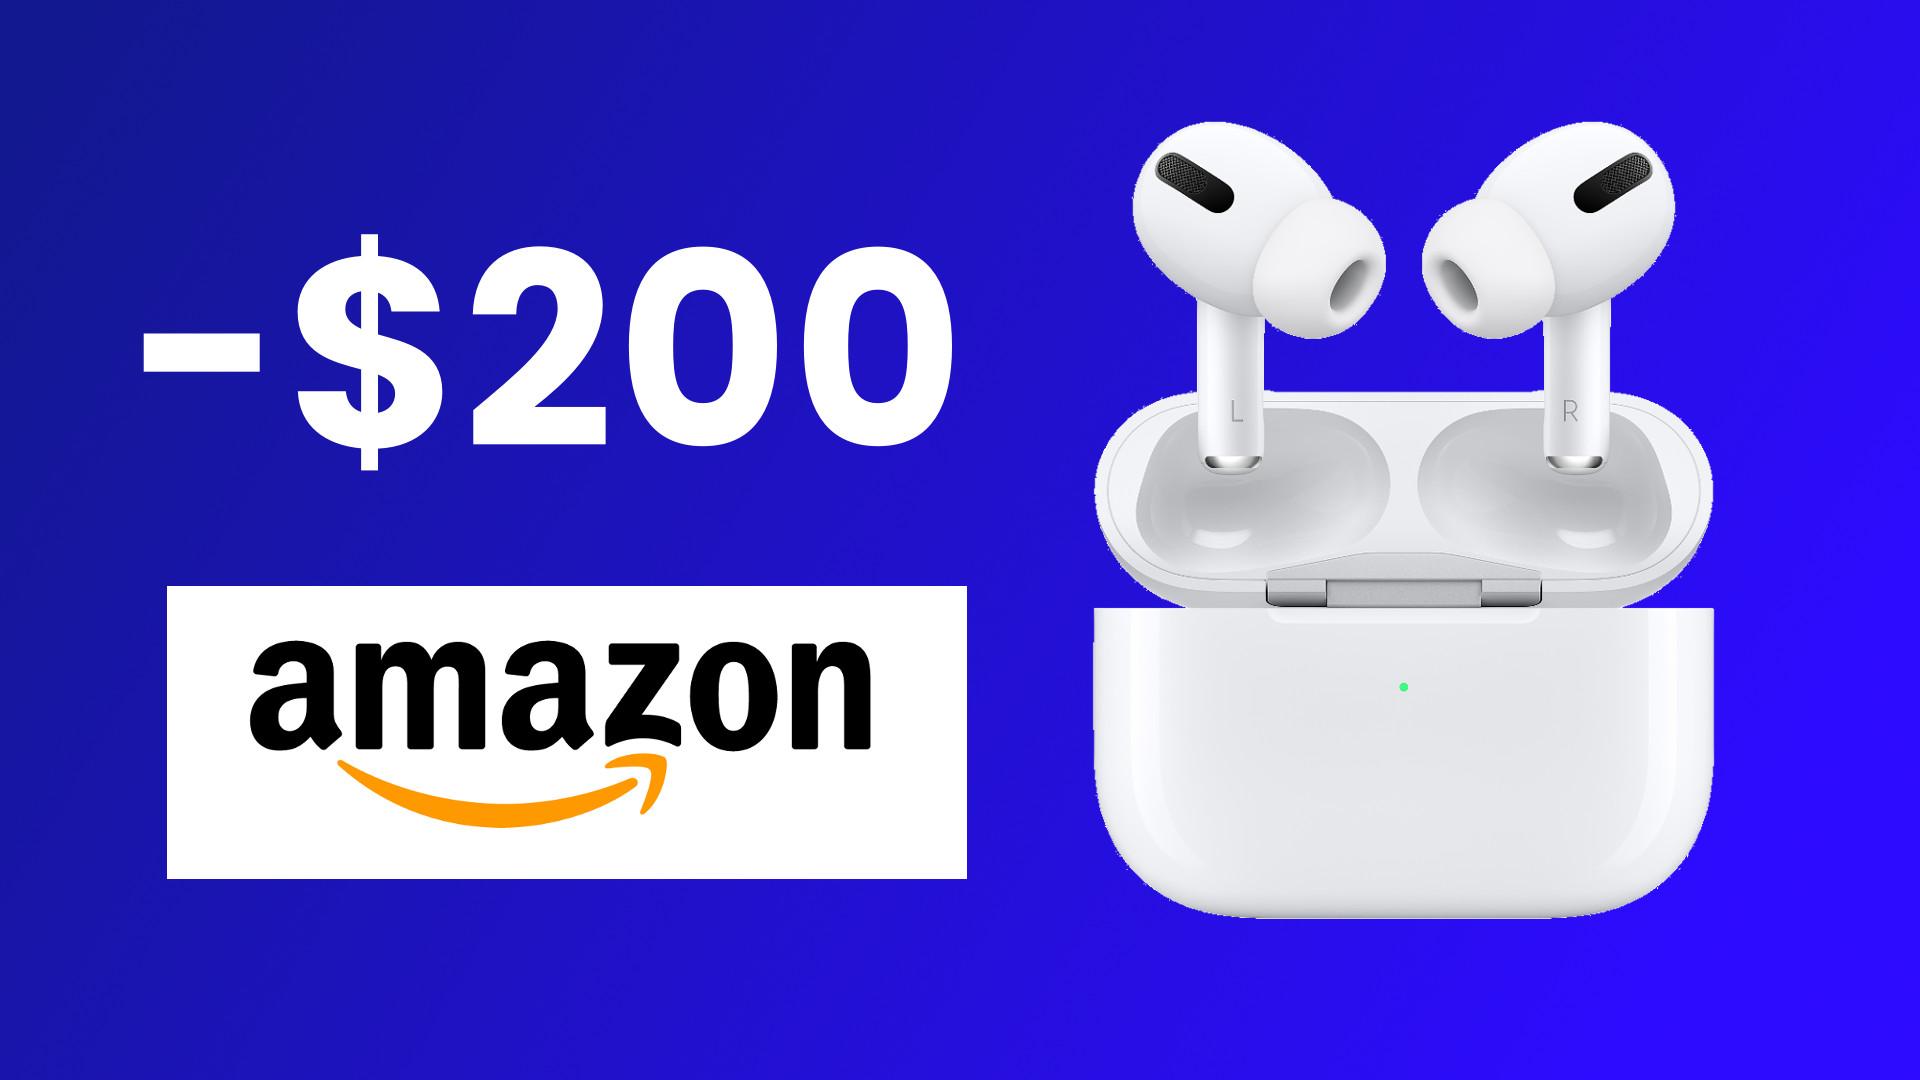 Mejores Gadgets por menos de USD200 para traer de Amazon 2021